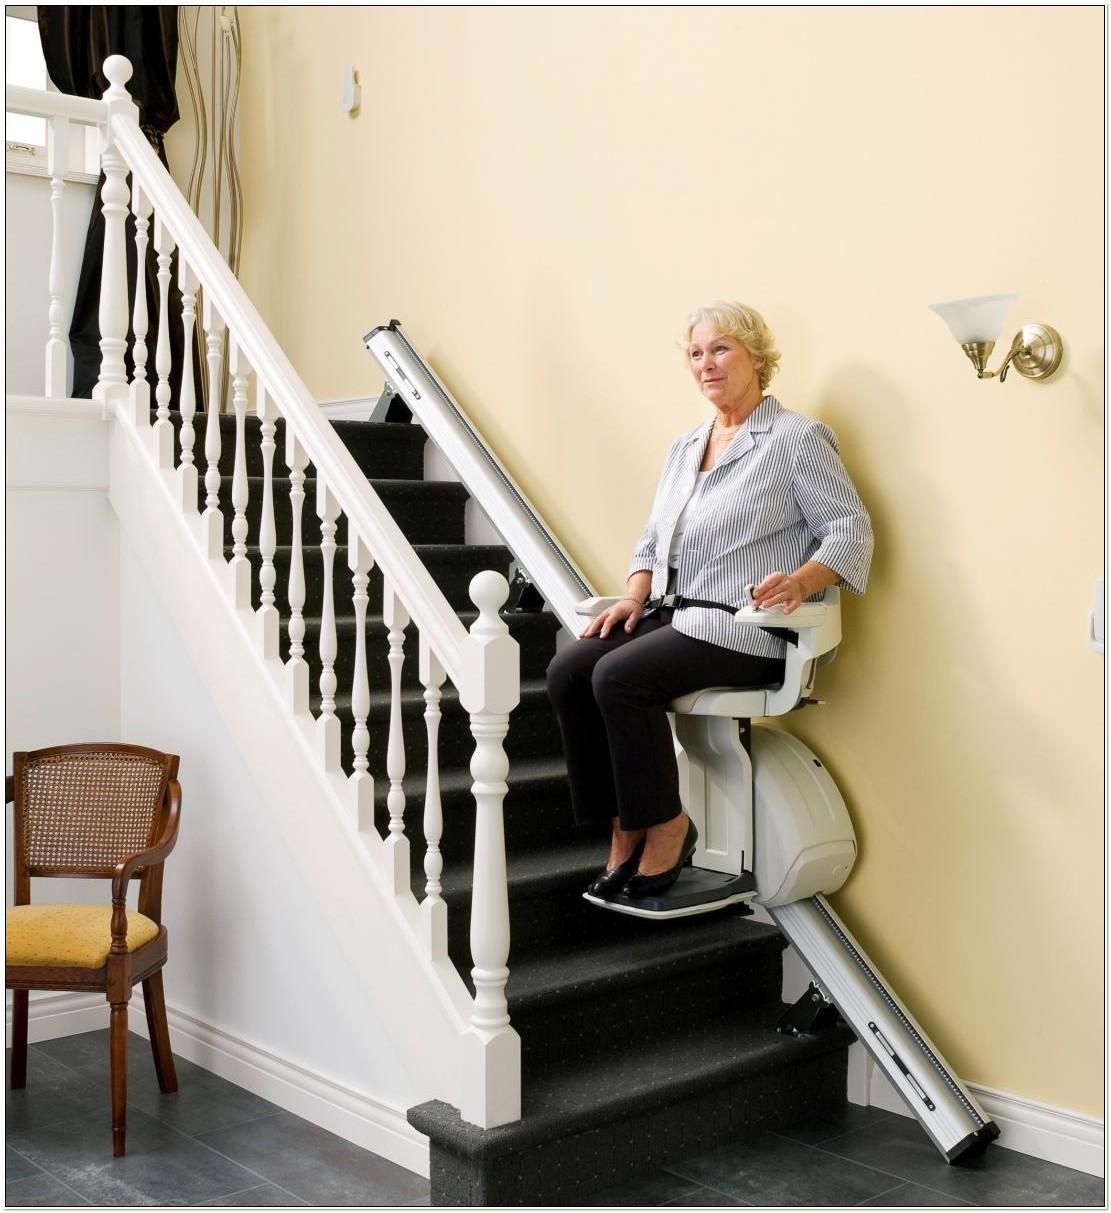 Stair Glide Chair Lift